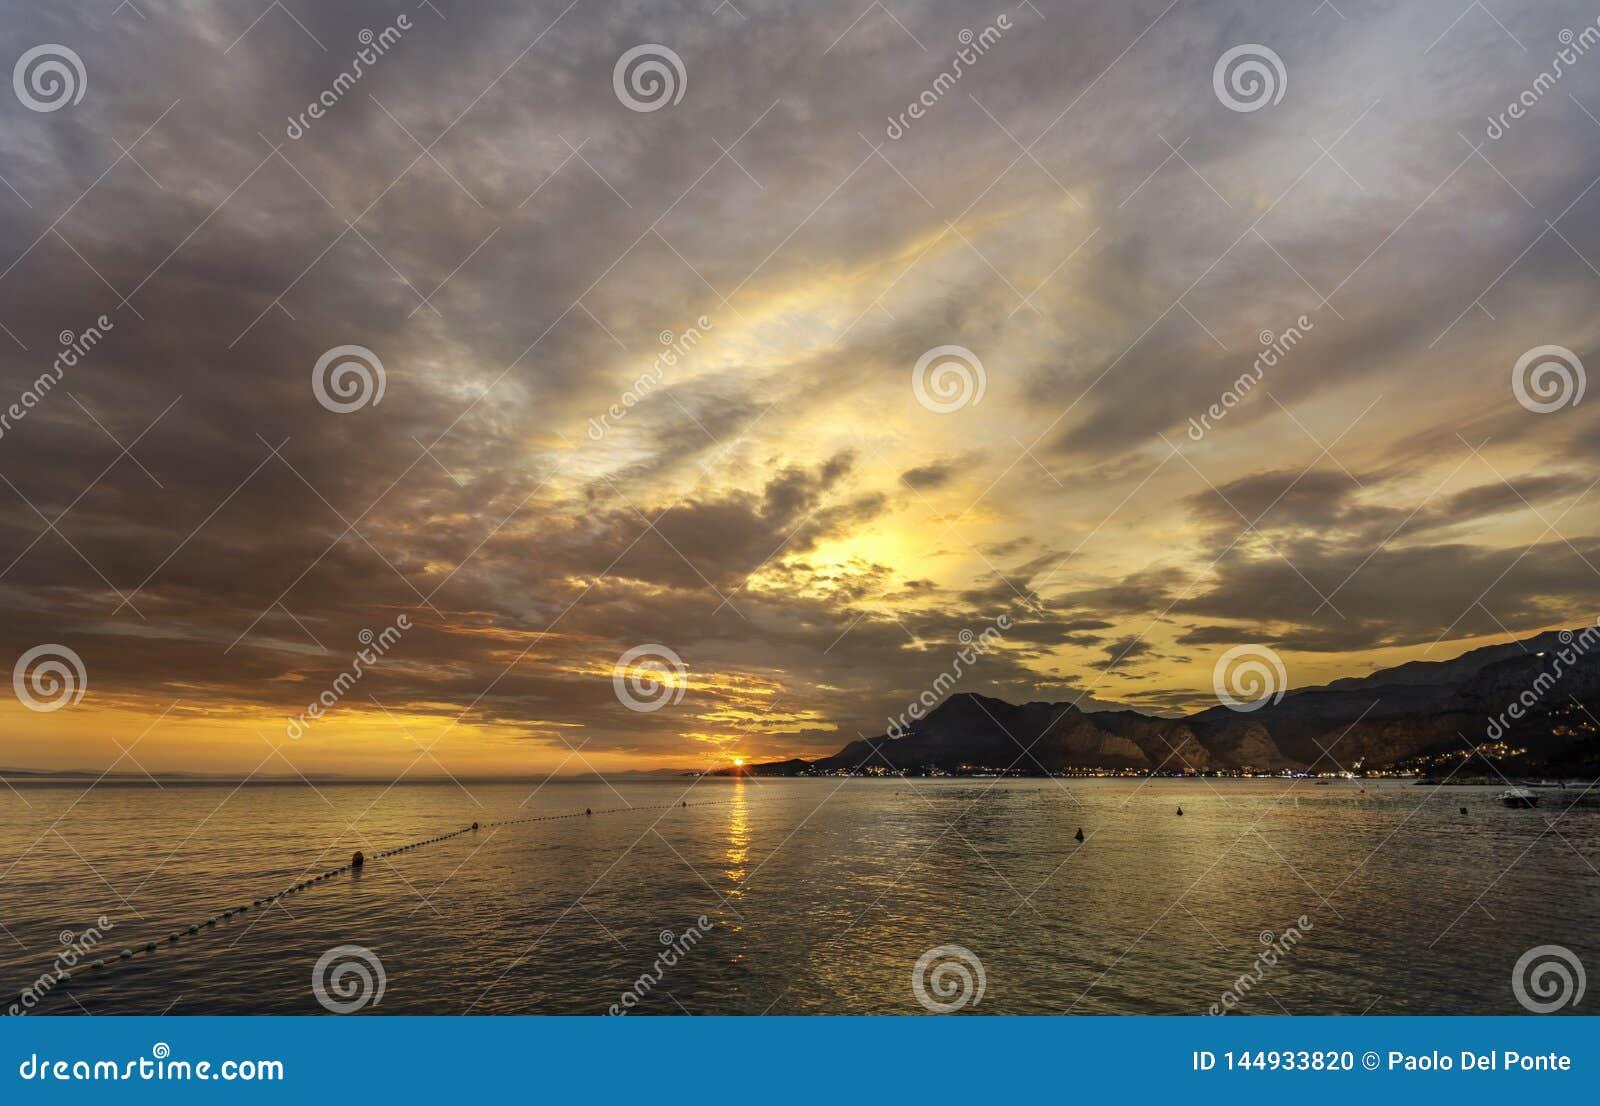 Solnedgång i Omis Dalmatia med dramatiska moln på himmel- och nattljus i stad på kusten på rätsidan och det öppna havet på